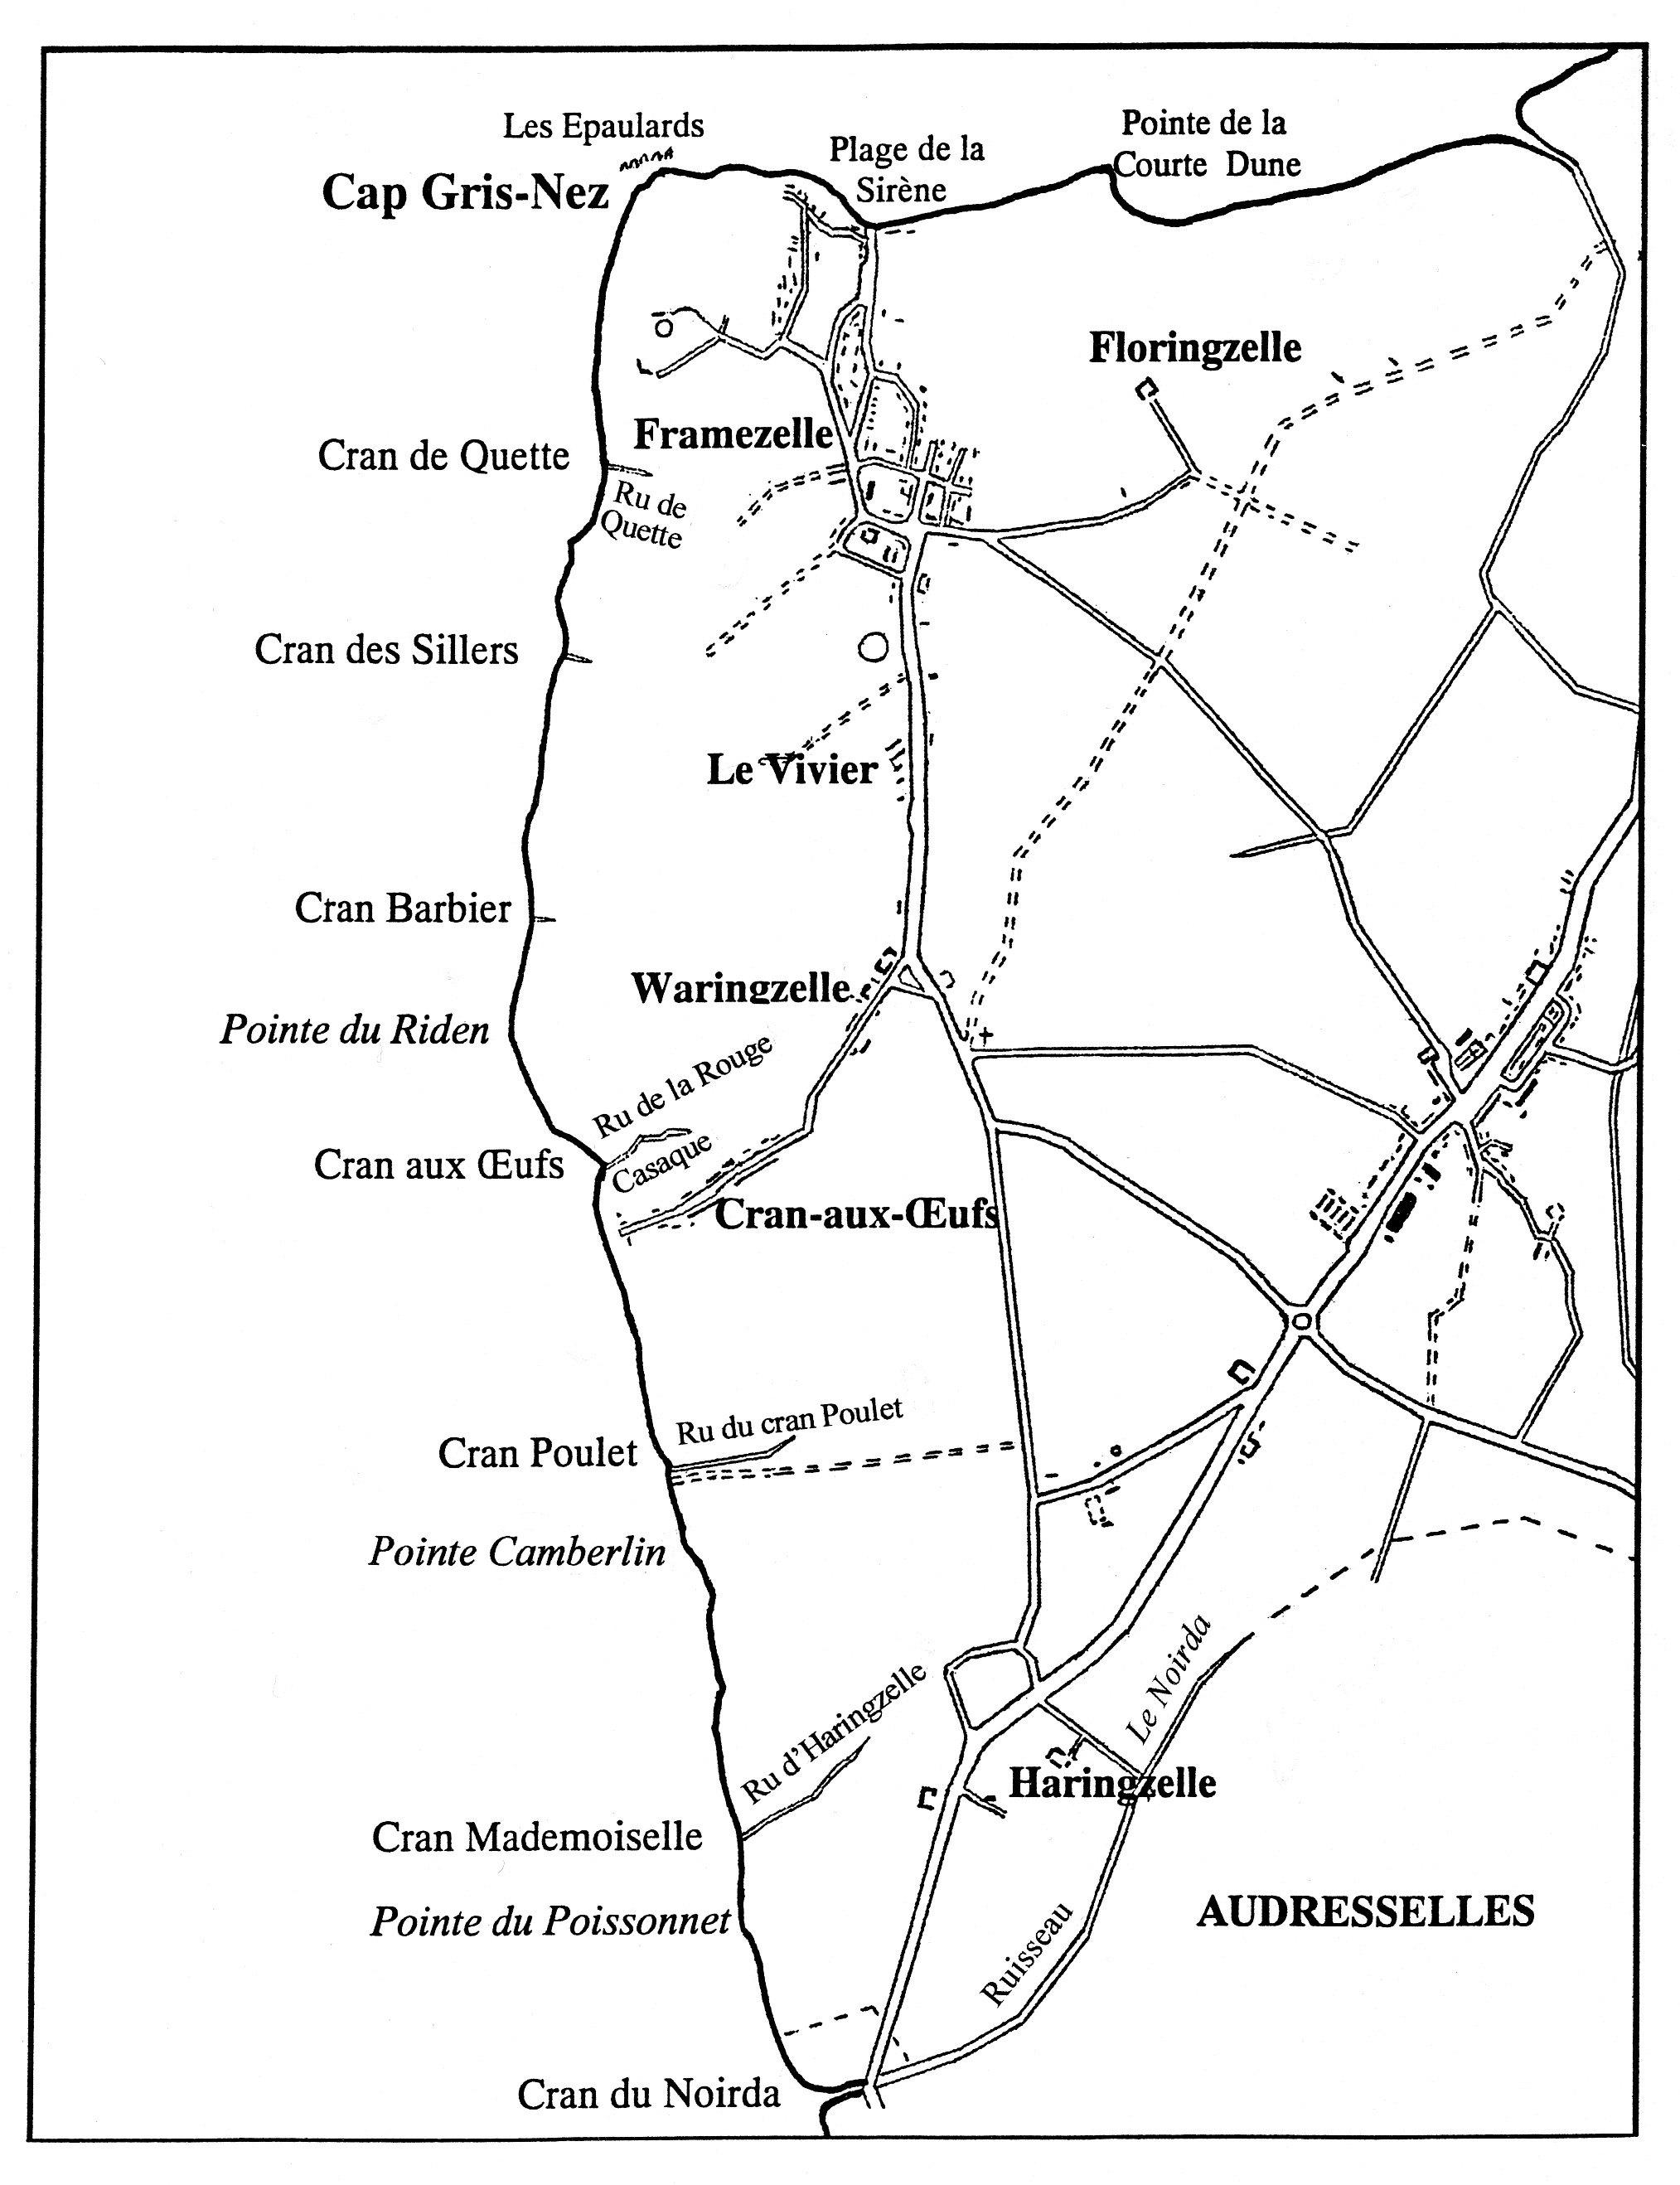 Carte des crans du Cap Gris Nez